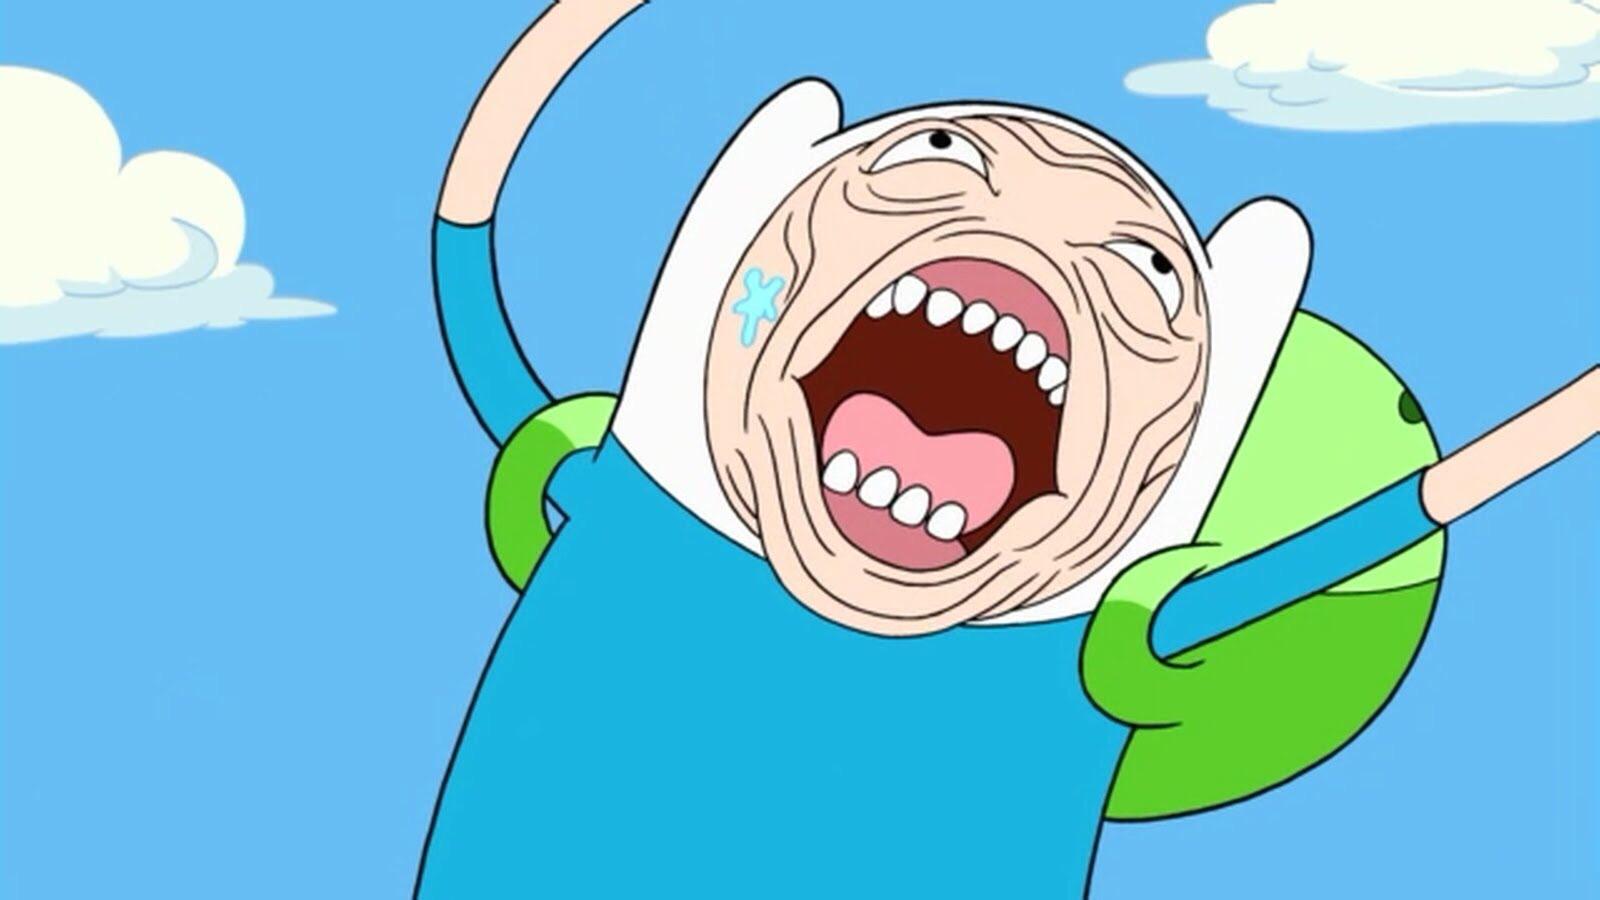 Cartoon Network clipart funny Album The on Imgur Cartoon